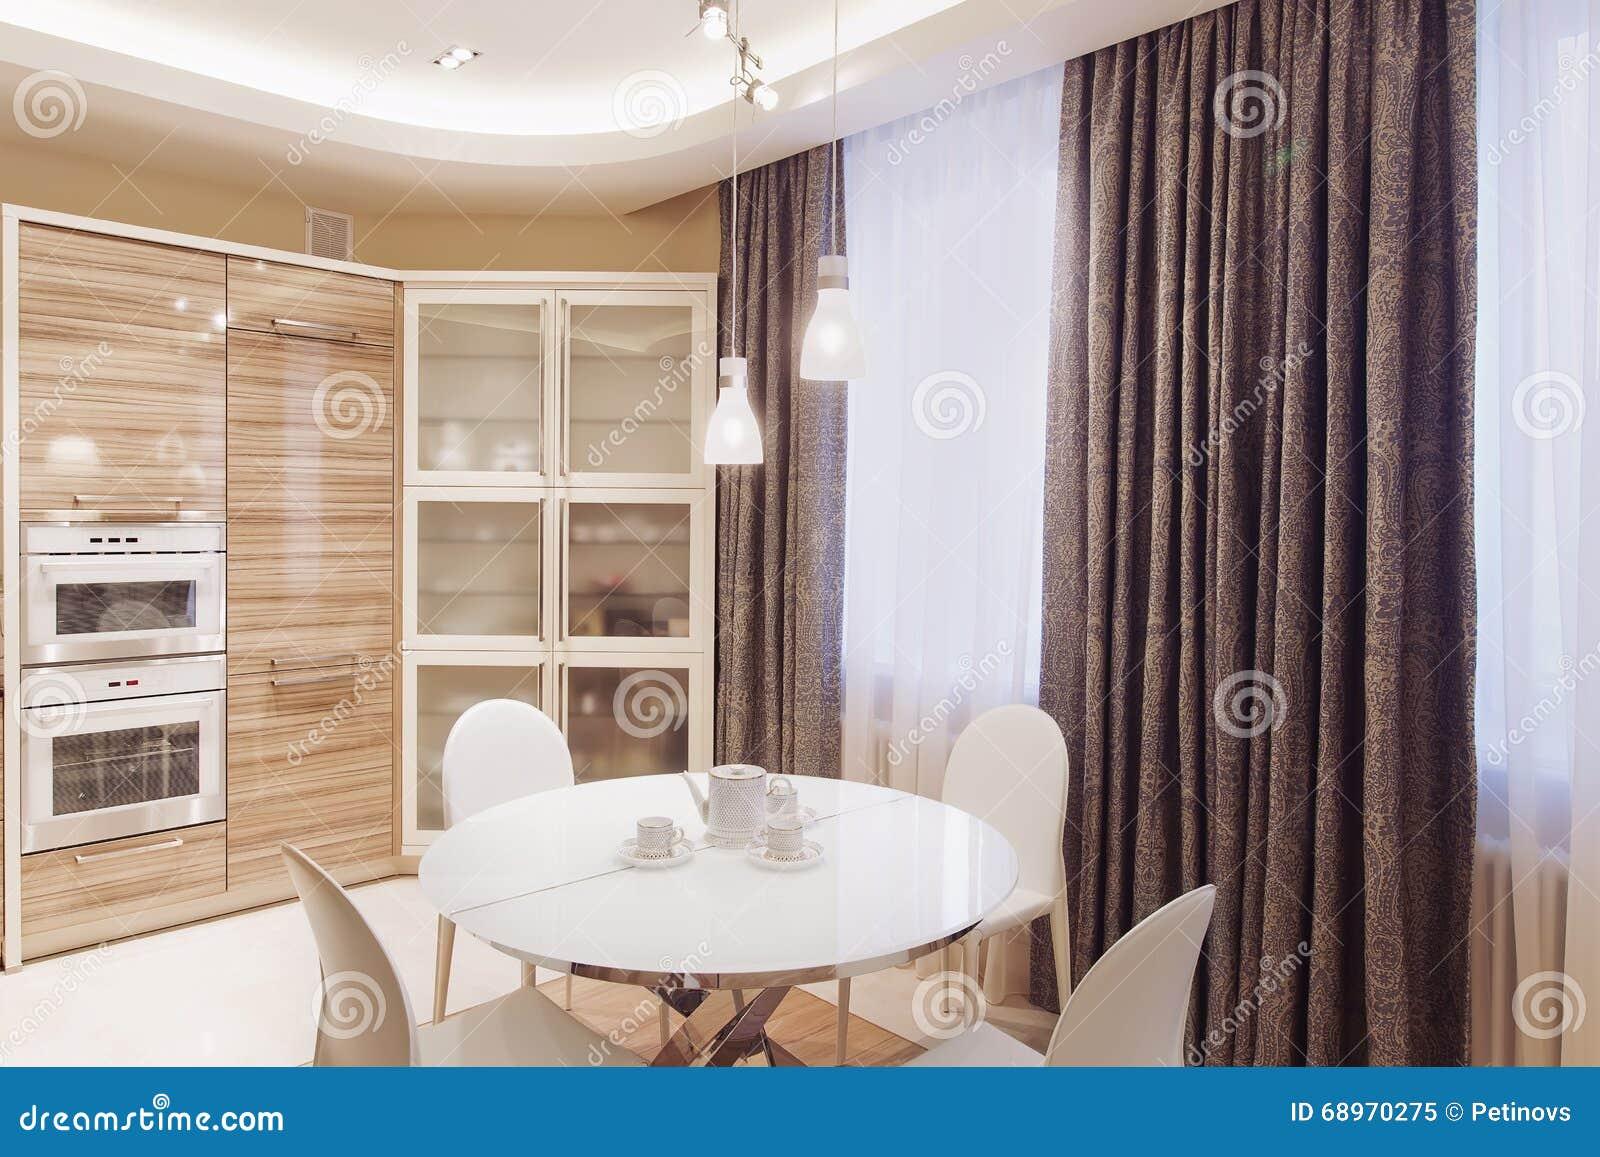 Int rieur moderne de cuisine avec la table de salle for Table moderne blanche salle manger